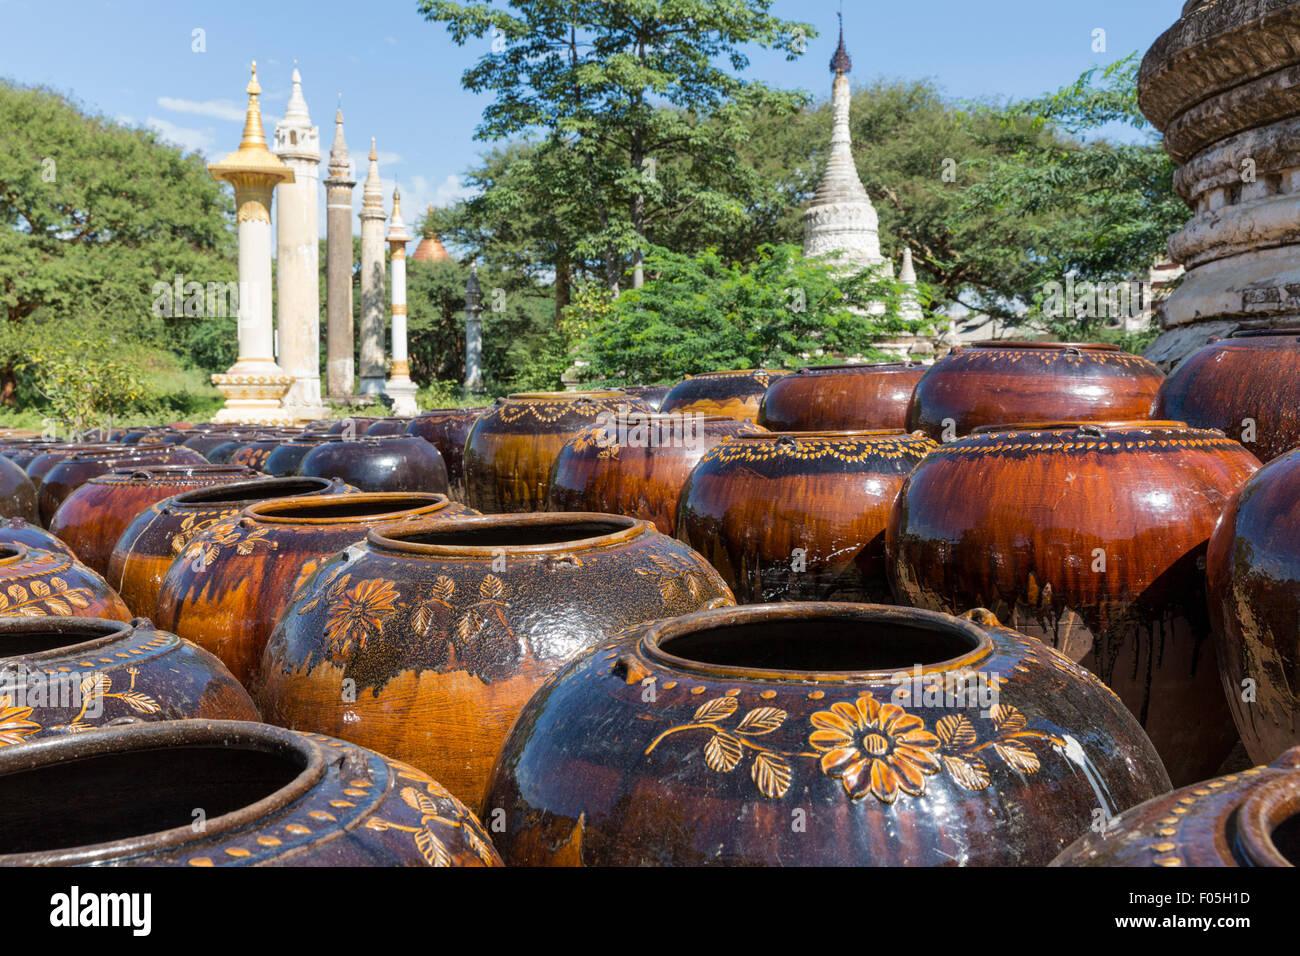 Martaban vasijas de agua cerca de la pagoda Shwezigon Paya () en Myanmar Nyaung U cerca de Bagan Imagen De Stock